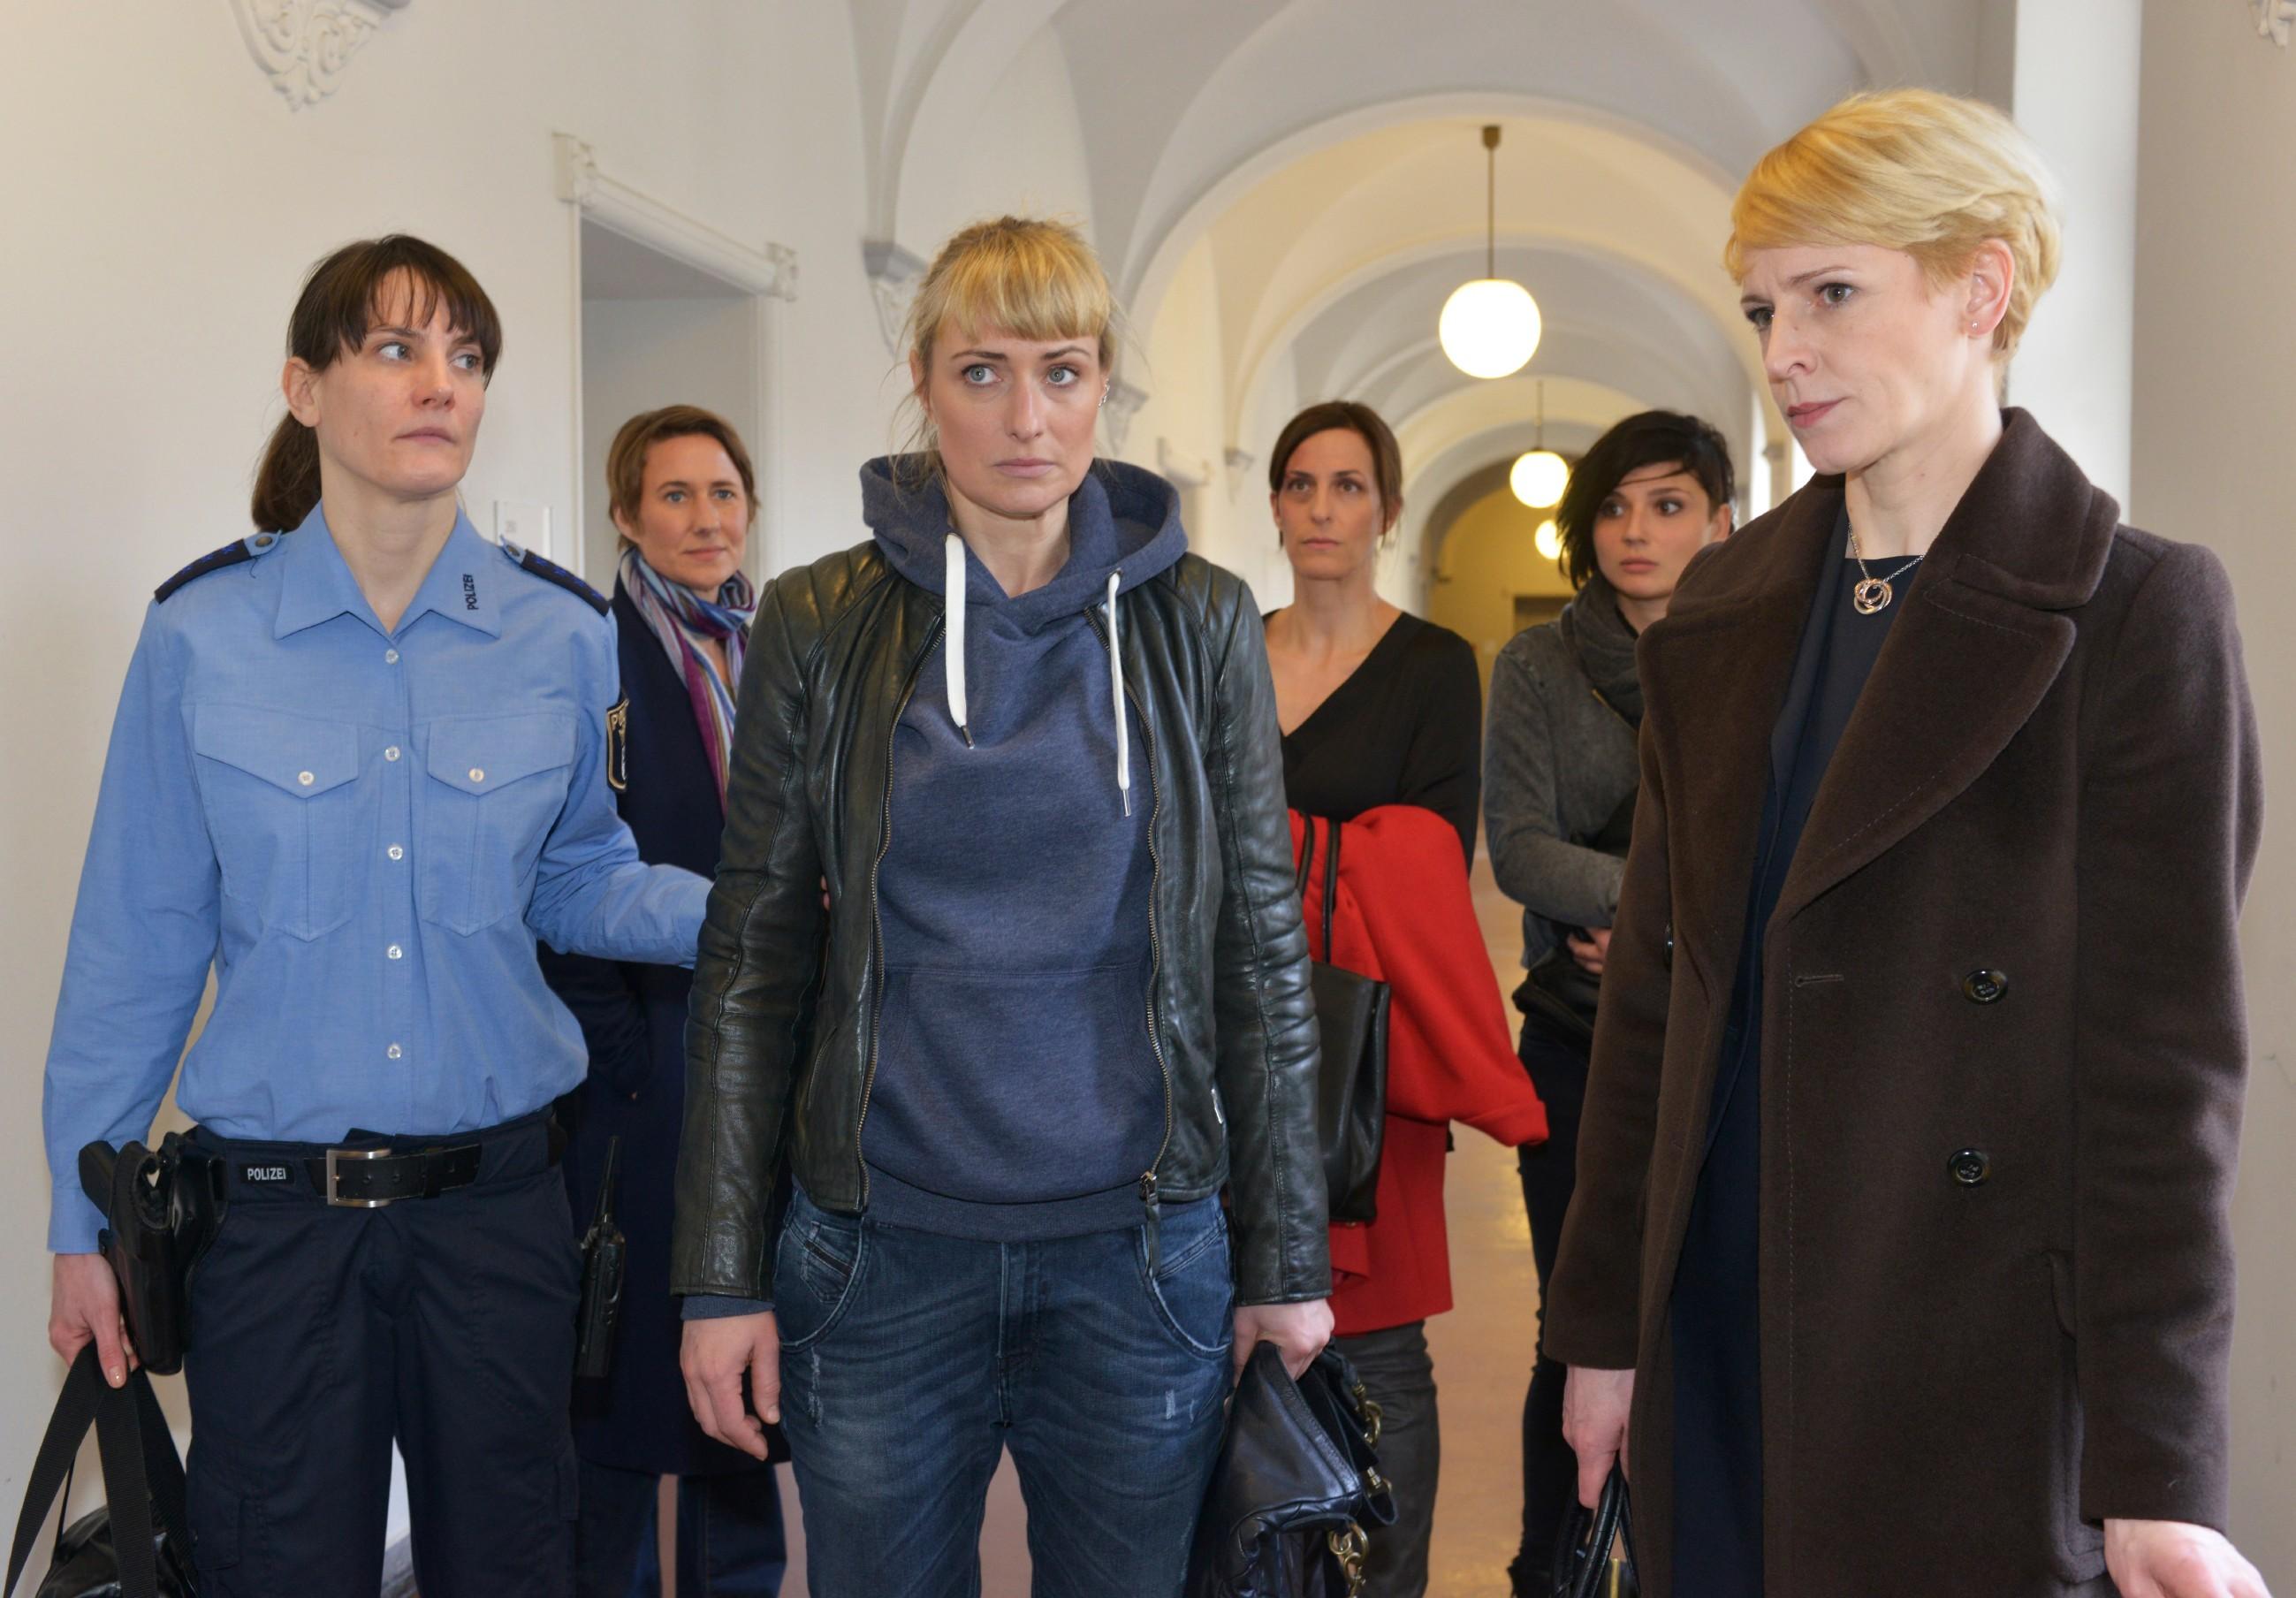 V.r.) Anwältin Yvonne Dittmar (Aline Staskowiak), Anni (Linda Marlen Runge) und Katrin (Ulrike Frank) müssen hilflos zuschauen, wie Kommissarin Knappe (Meike Schlüter, 2.v.l.) Maren (Eva Mona Rodekirchen, 3.v.l.) von einer Justizbeamtin (Komparsin) in U-Haft nehmen lässt. (Quelle: RTL / Rolf Baumgartner)